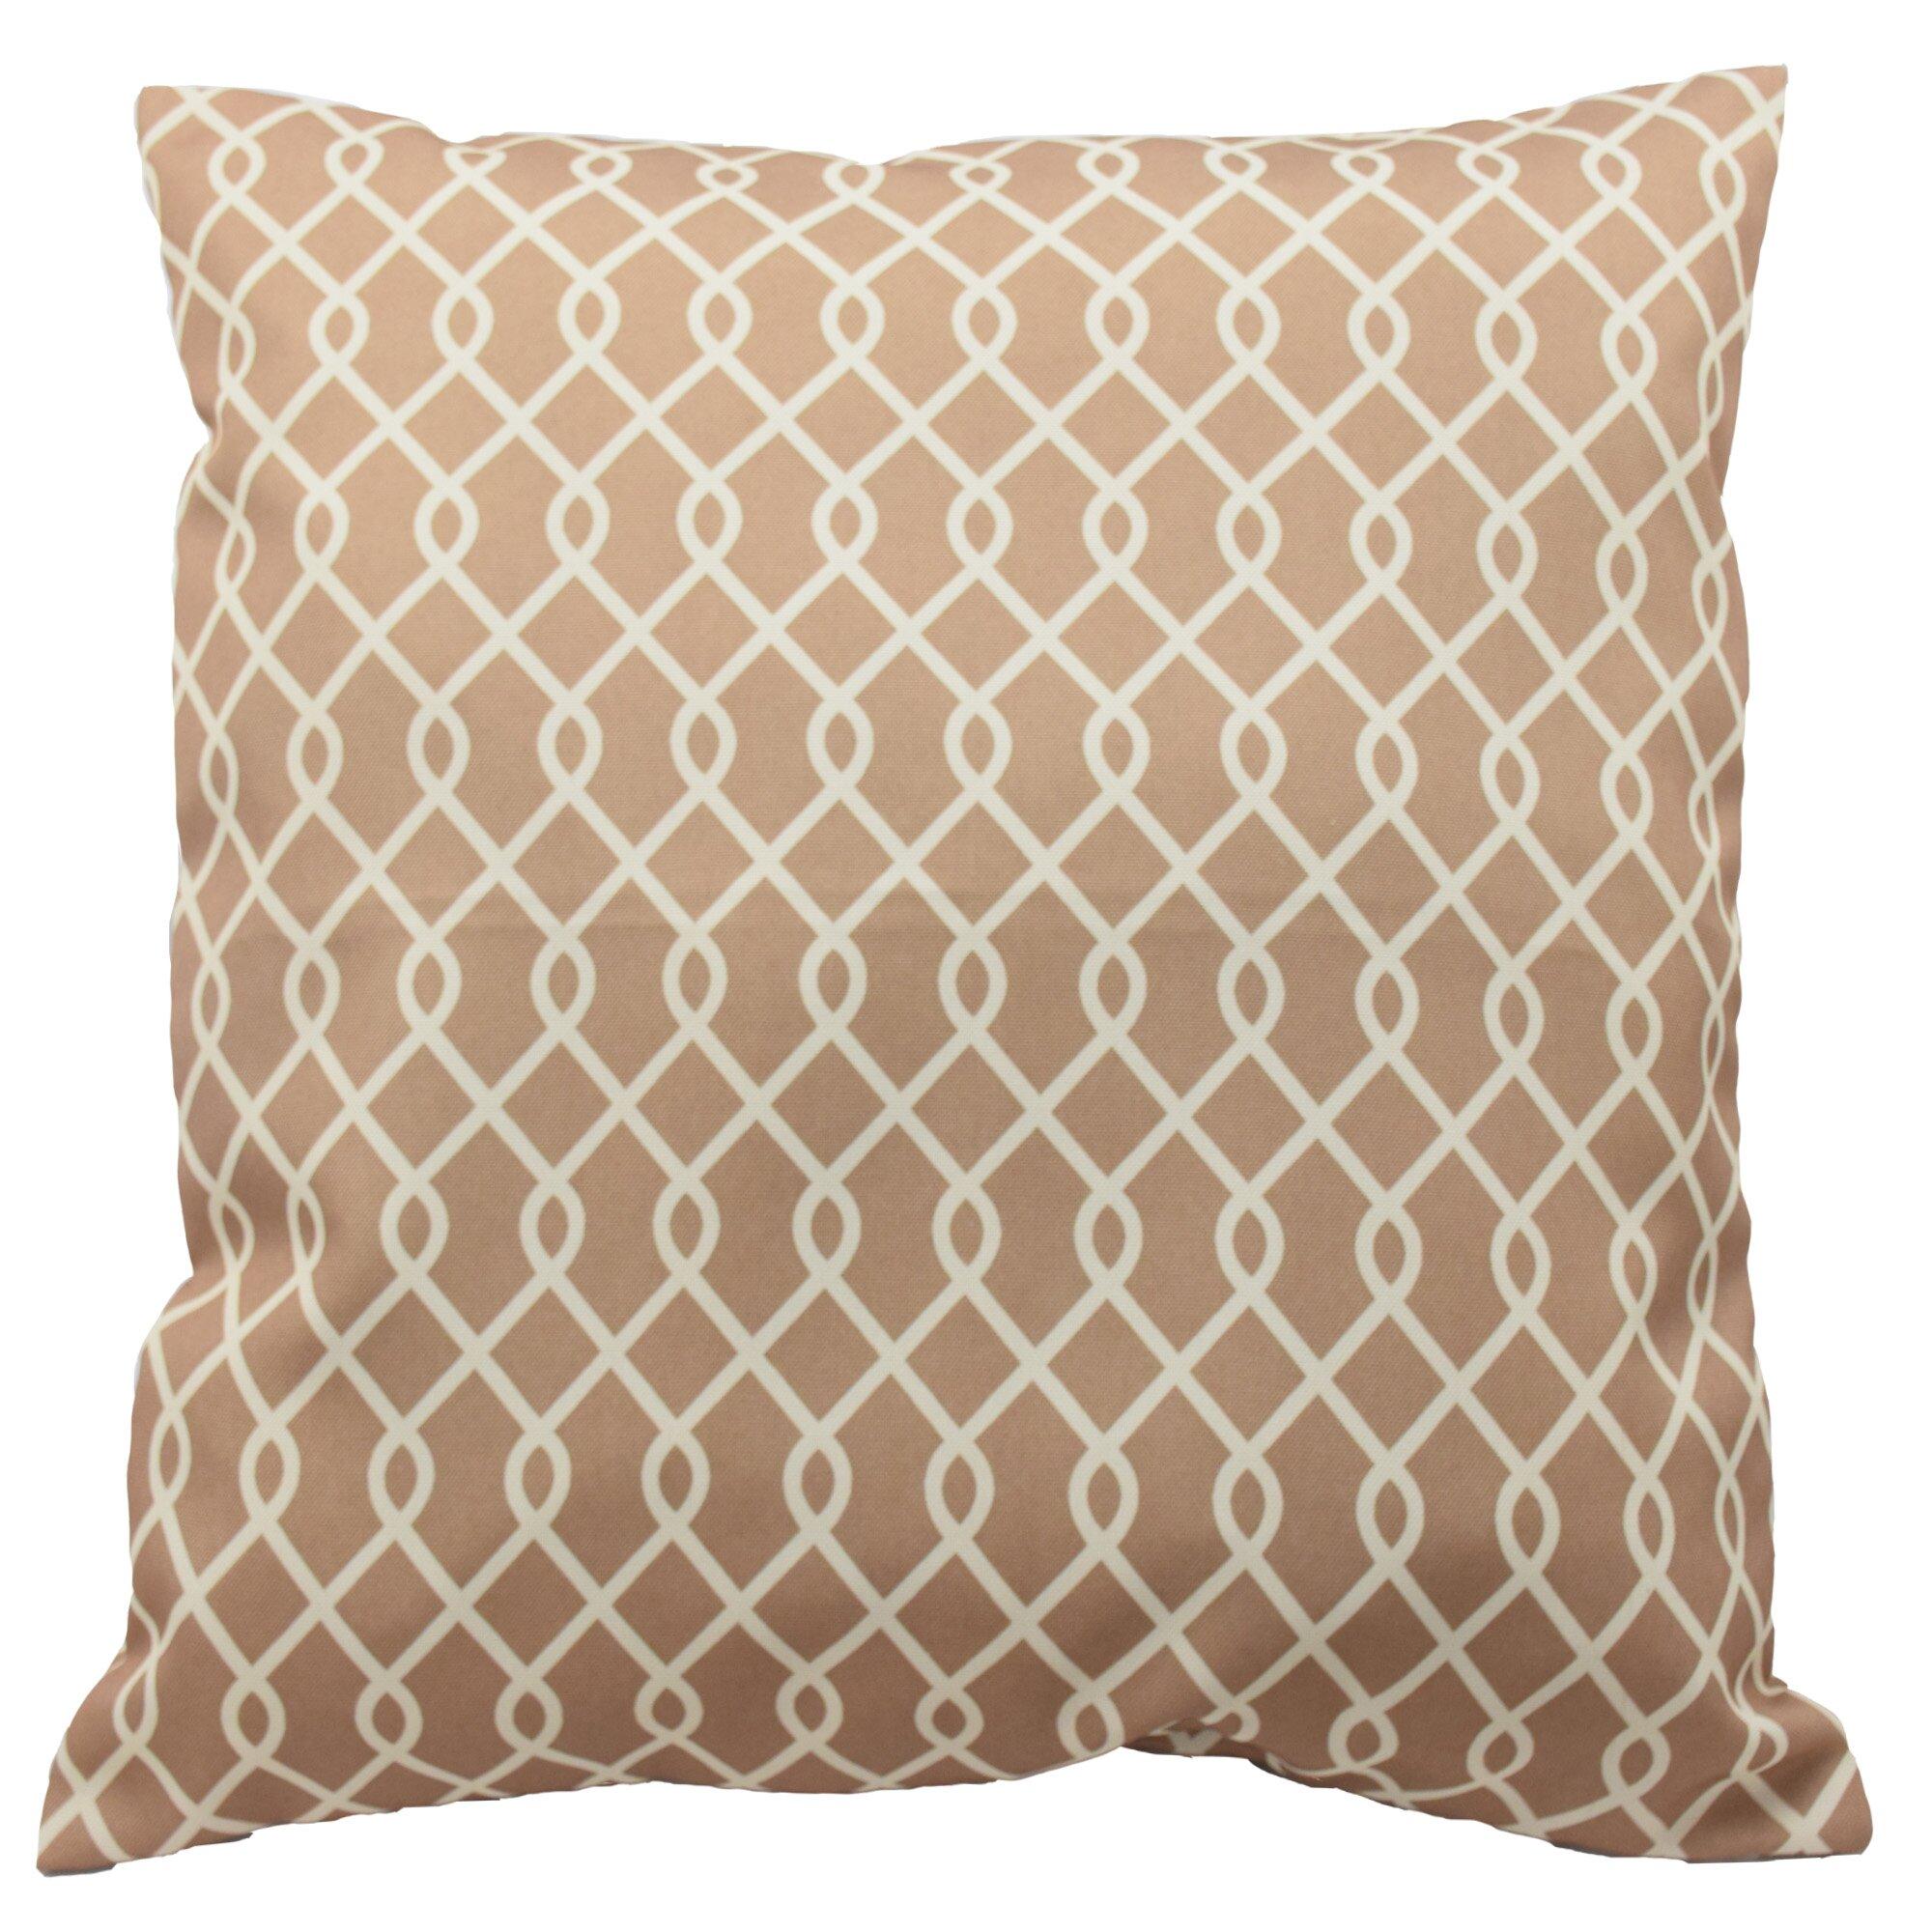 Wayfair Decorative Throw Pillows : Ellis Decorative Throw Pillow Wayfair